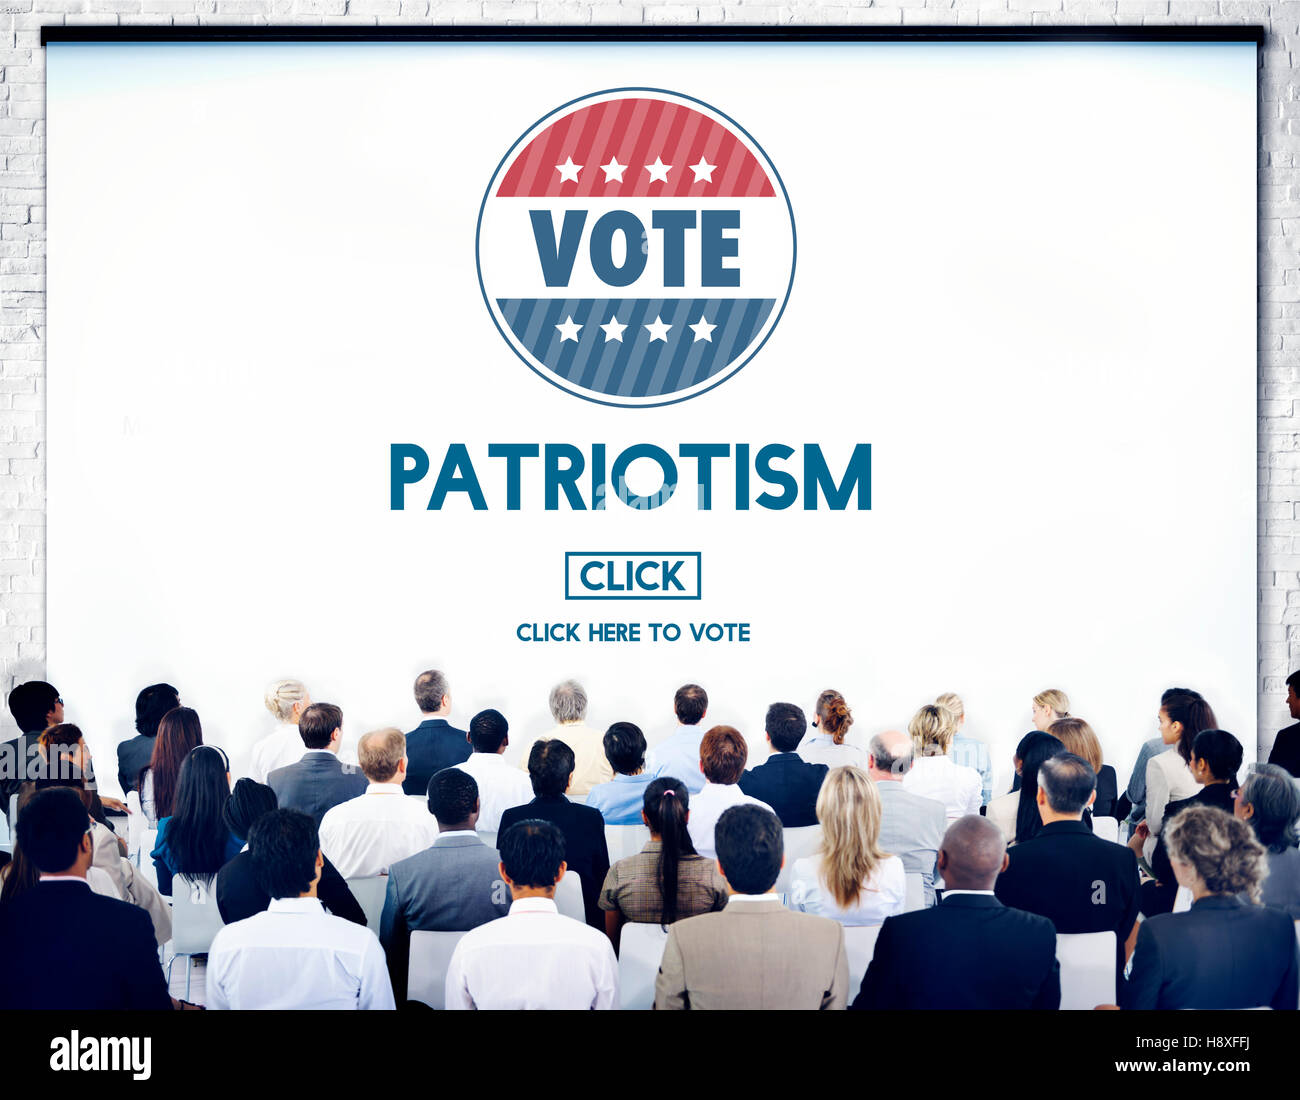 Libertad de elección del país patriotismo Concepto Nacional Imagen De Stock